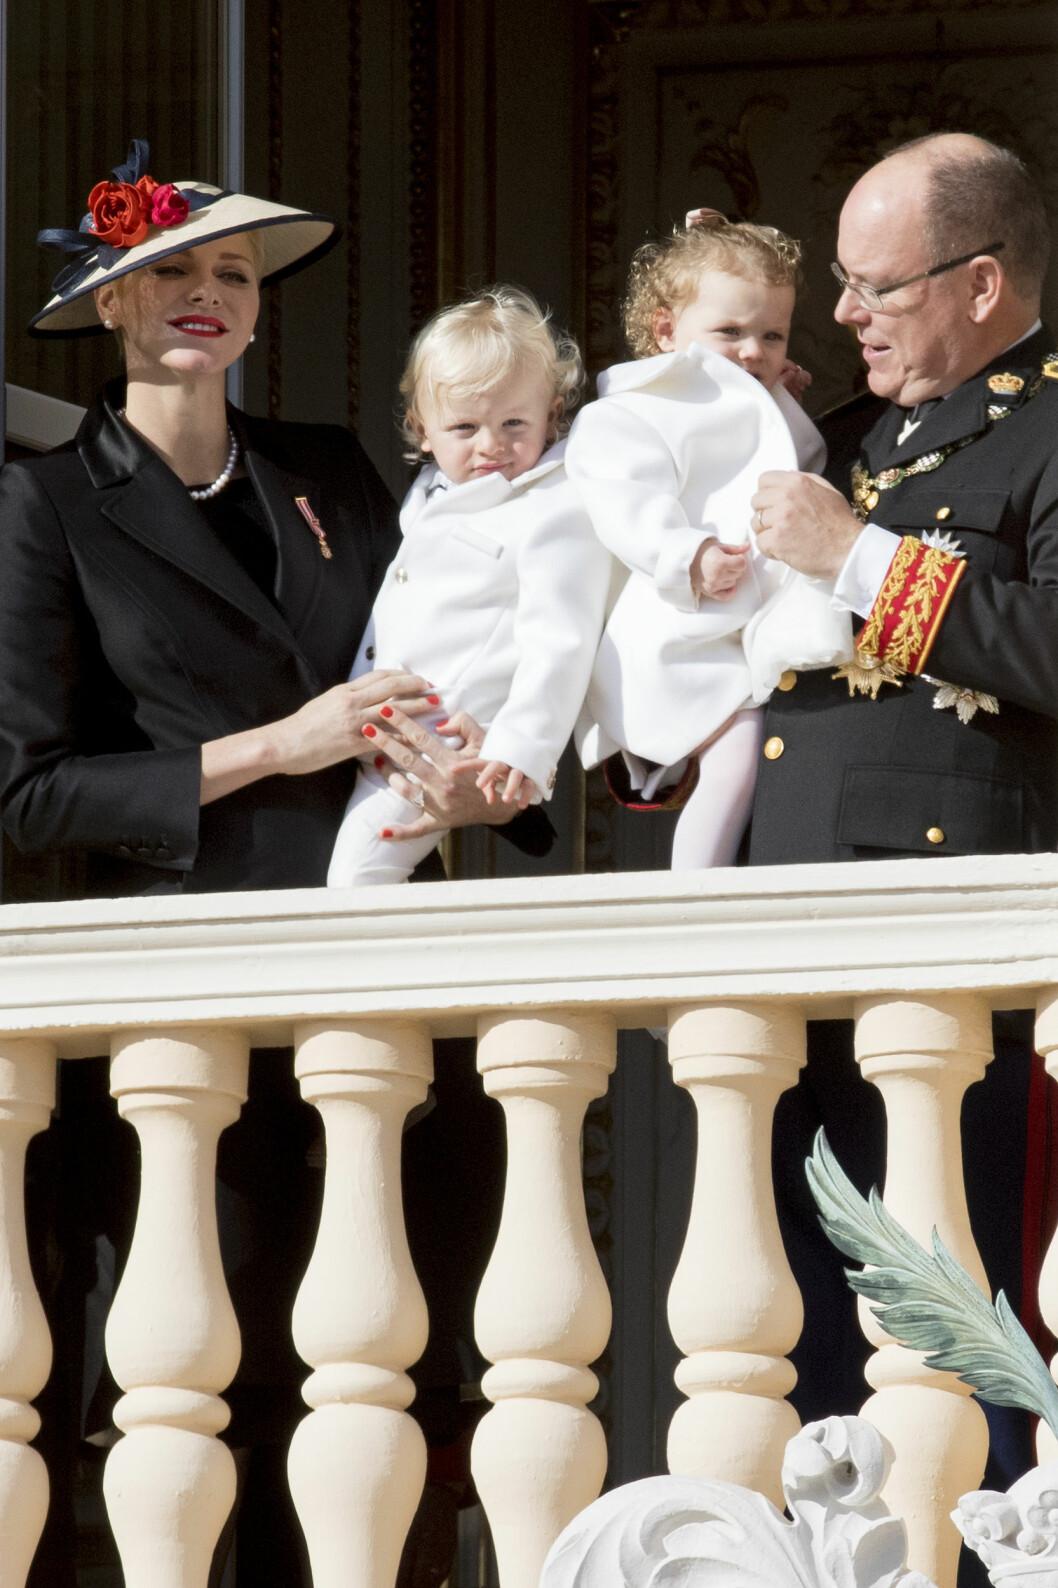 FYRSTEPARET: Albert og Charlene med tvillingbarna Jacques og Gabriella. Foto: NTB Scanpix